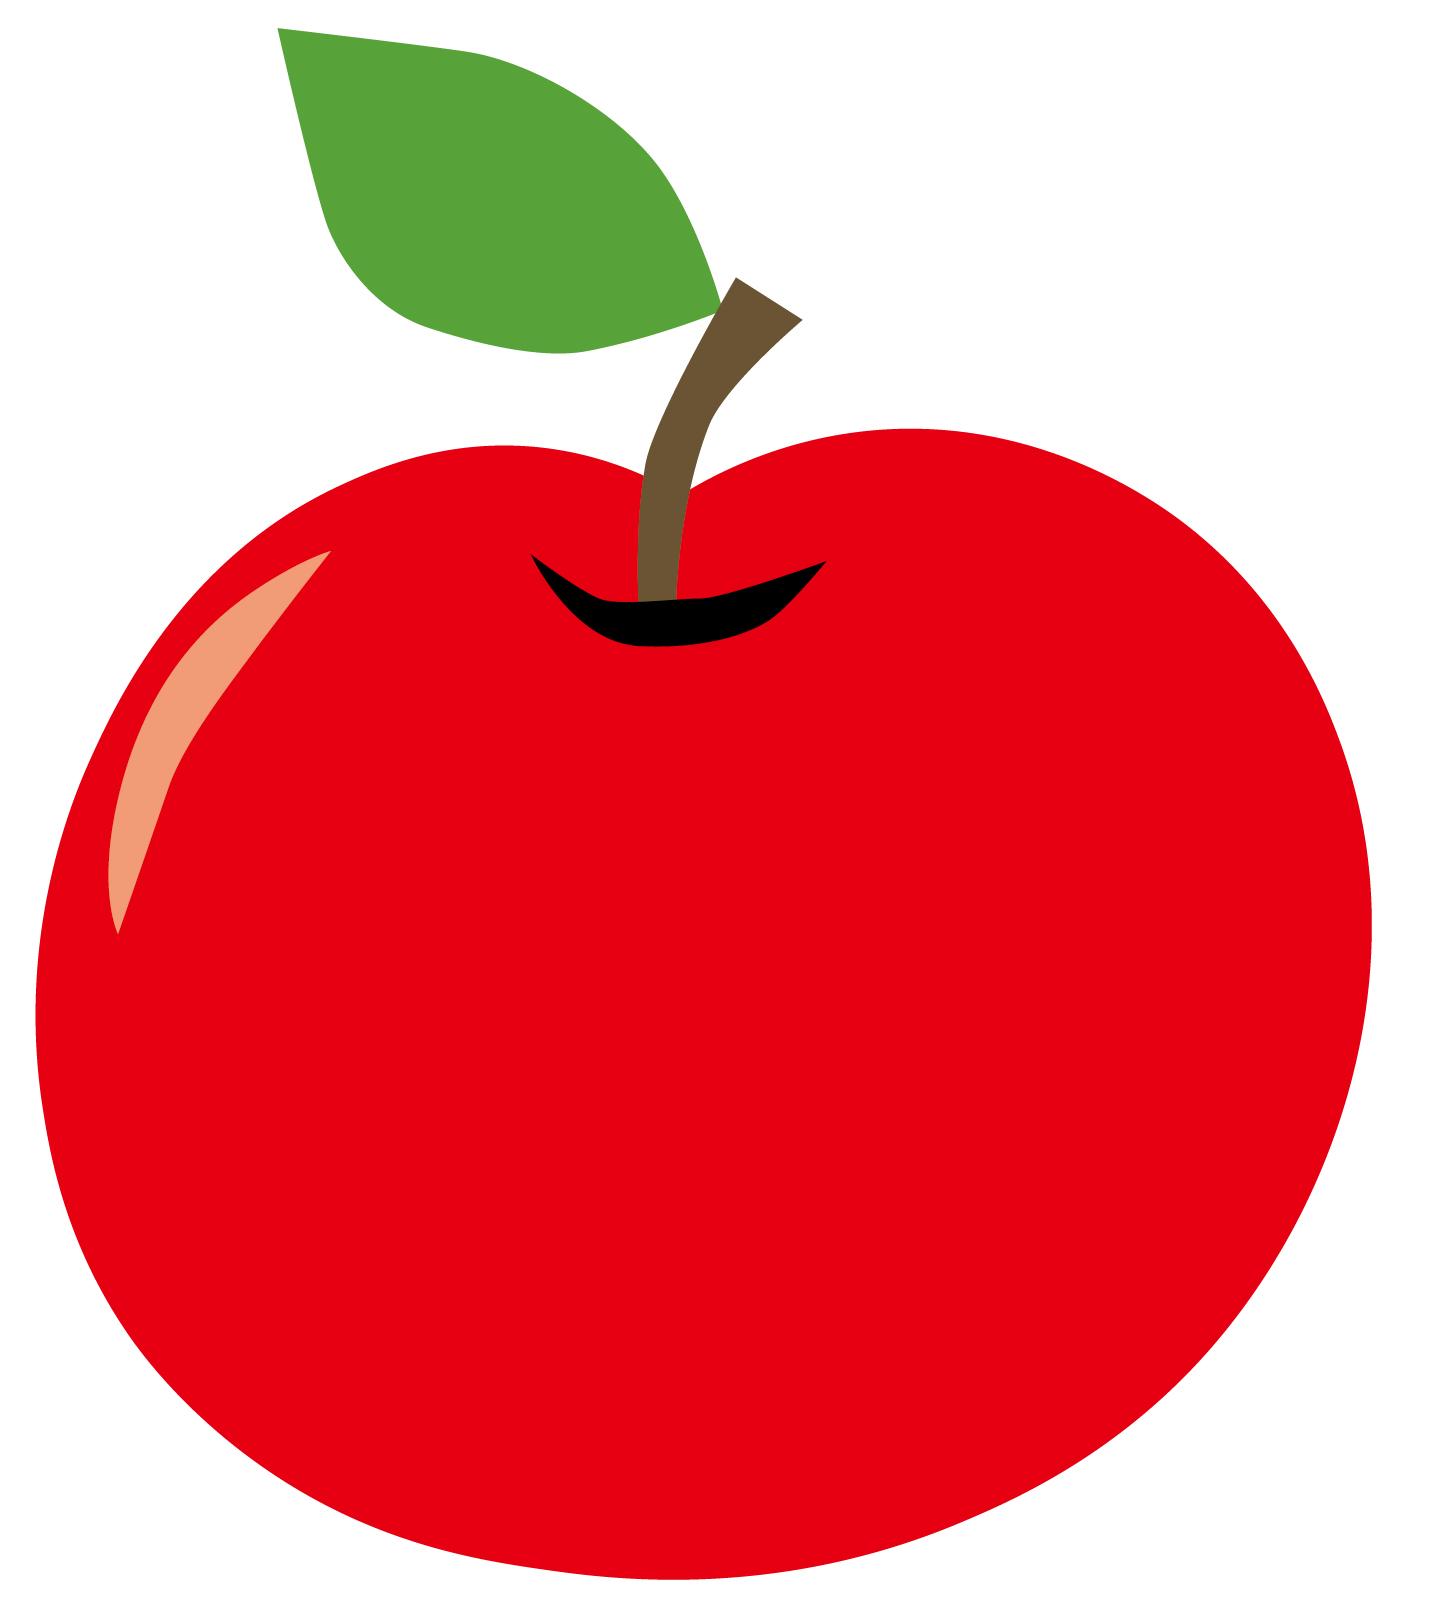 毎日リンゴ一個食べ続けた結果wwwwwwwwwww